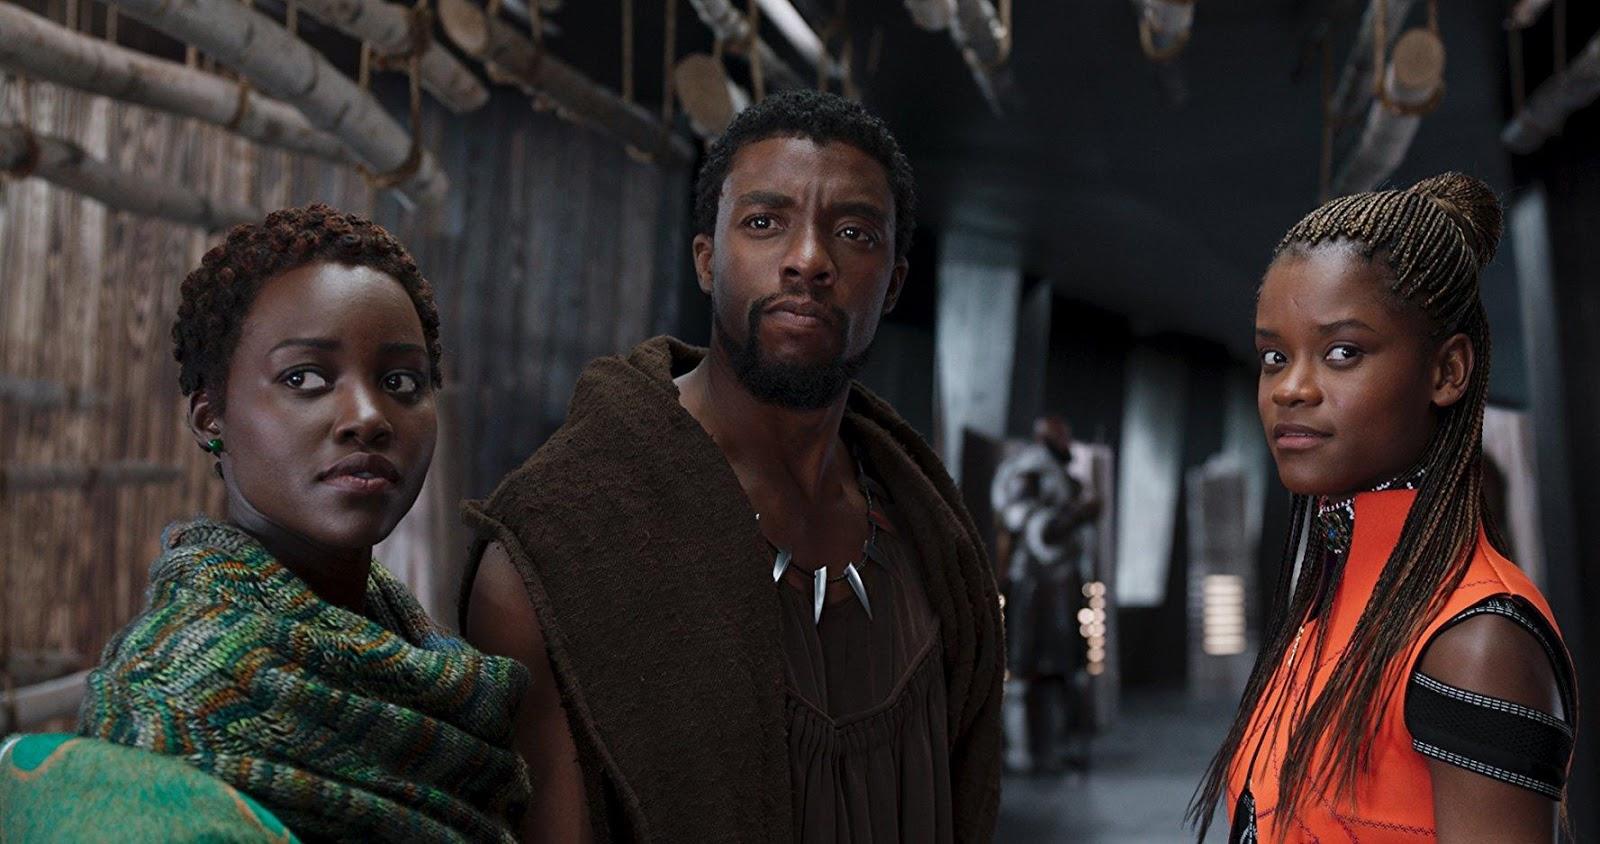 Chadwick Boseman, o Pantera Negra, morreu nessa sexta-feira devido à câncer.